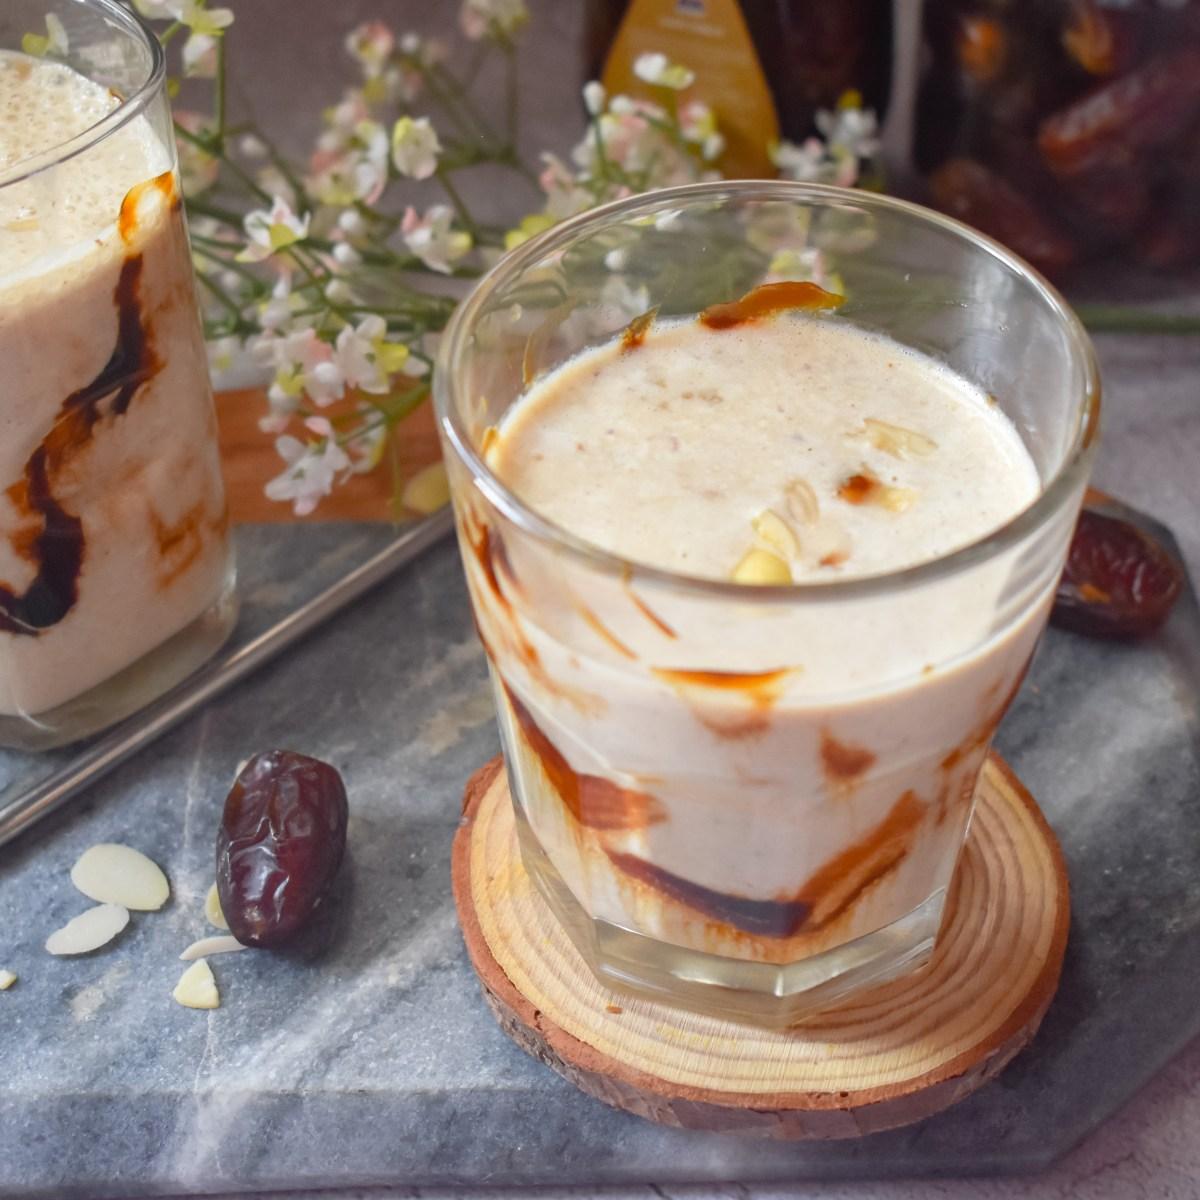 Dates Almond Breakfast Smoothie - Parveenskitchen.com